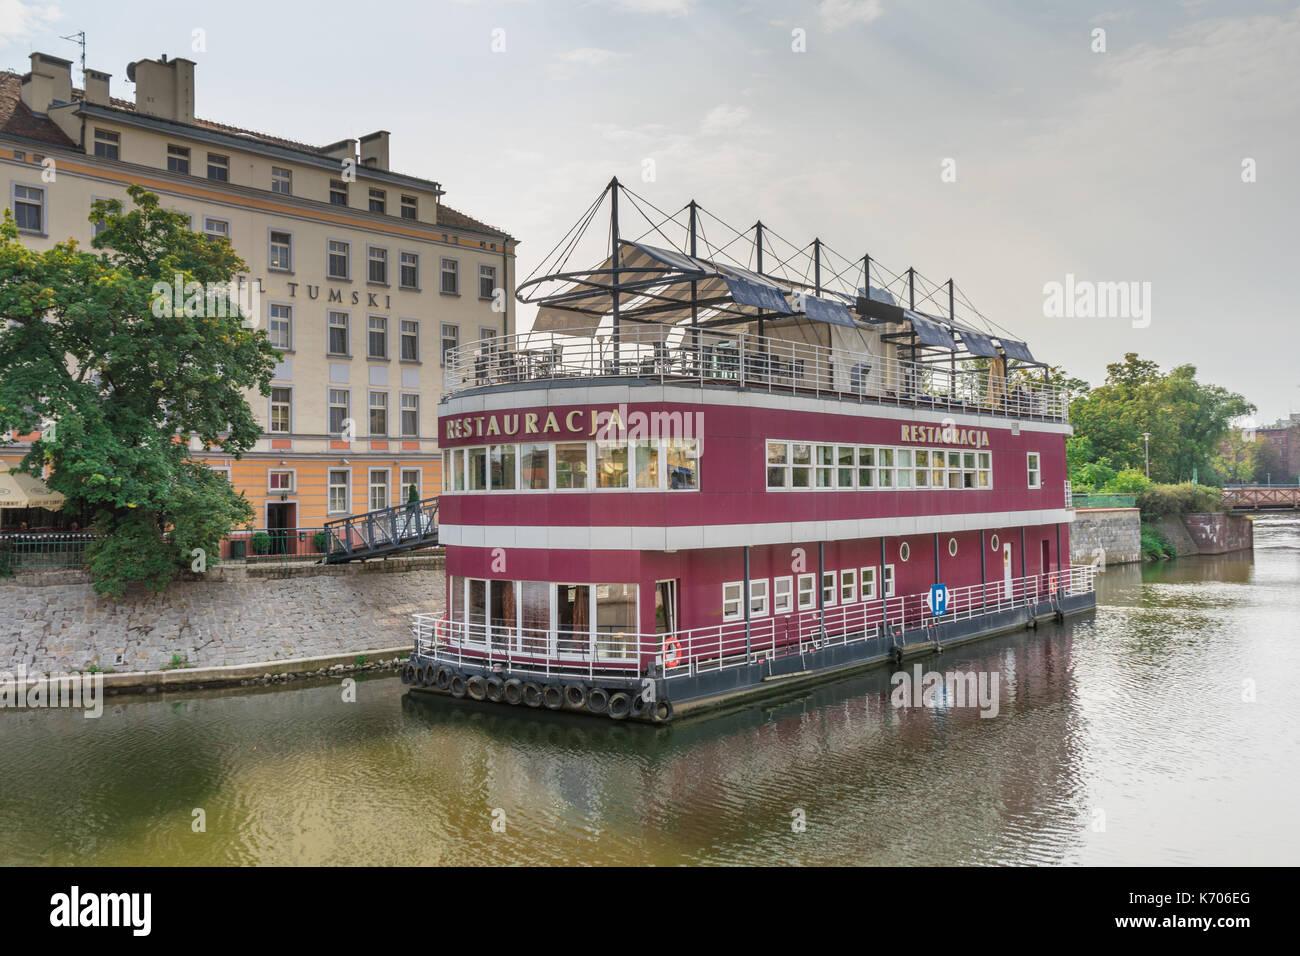 floating-restaurant-boat-barka-tumski-on-the-oder-river-outside-the-K706EG.jpg